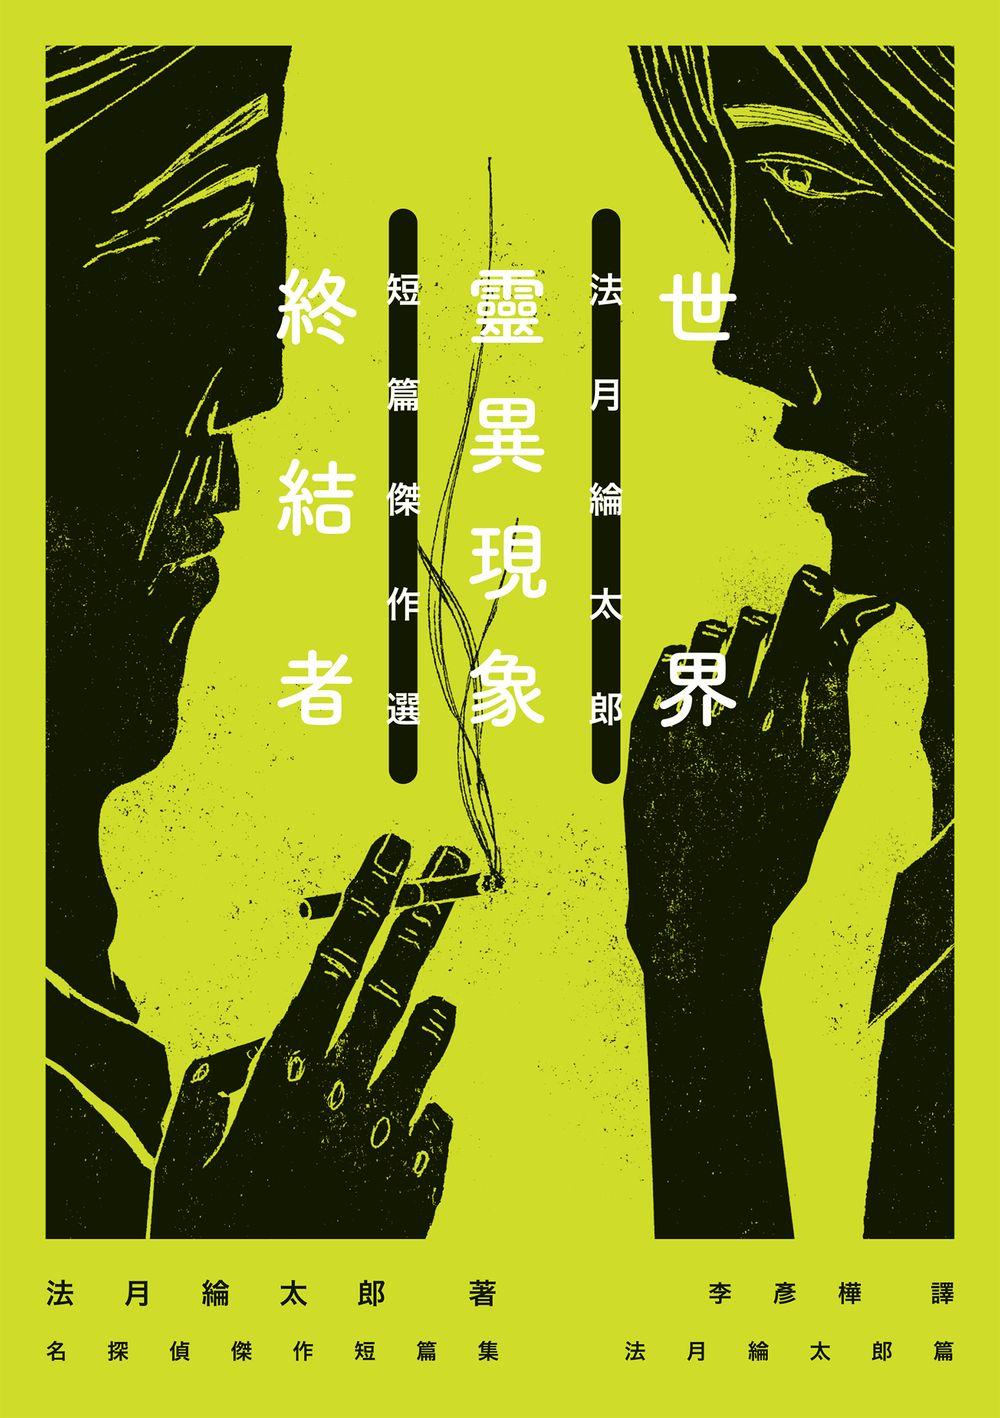 世界靈異現象終結者:法月綸太郎短篇傑作選 (電子書)